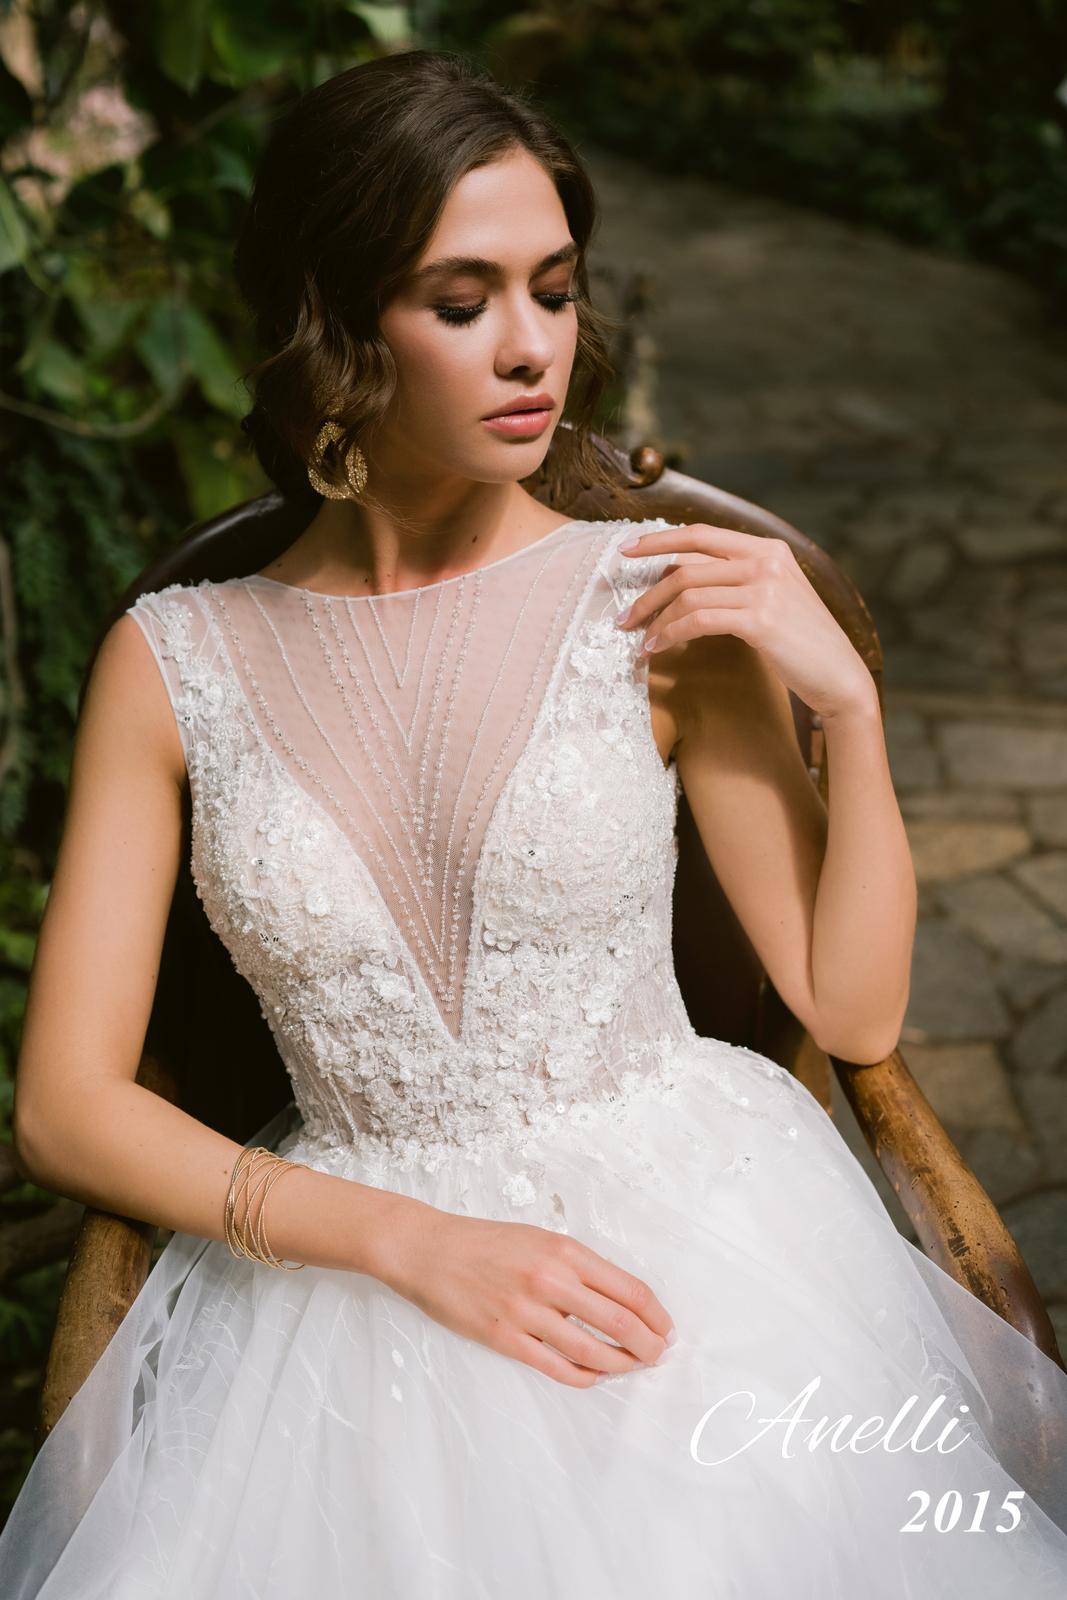 Svadobné šaty - Breeze 2015 - Obrázok č. 1